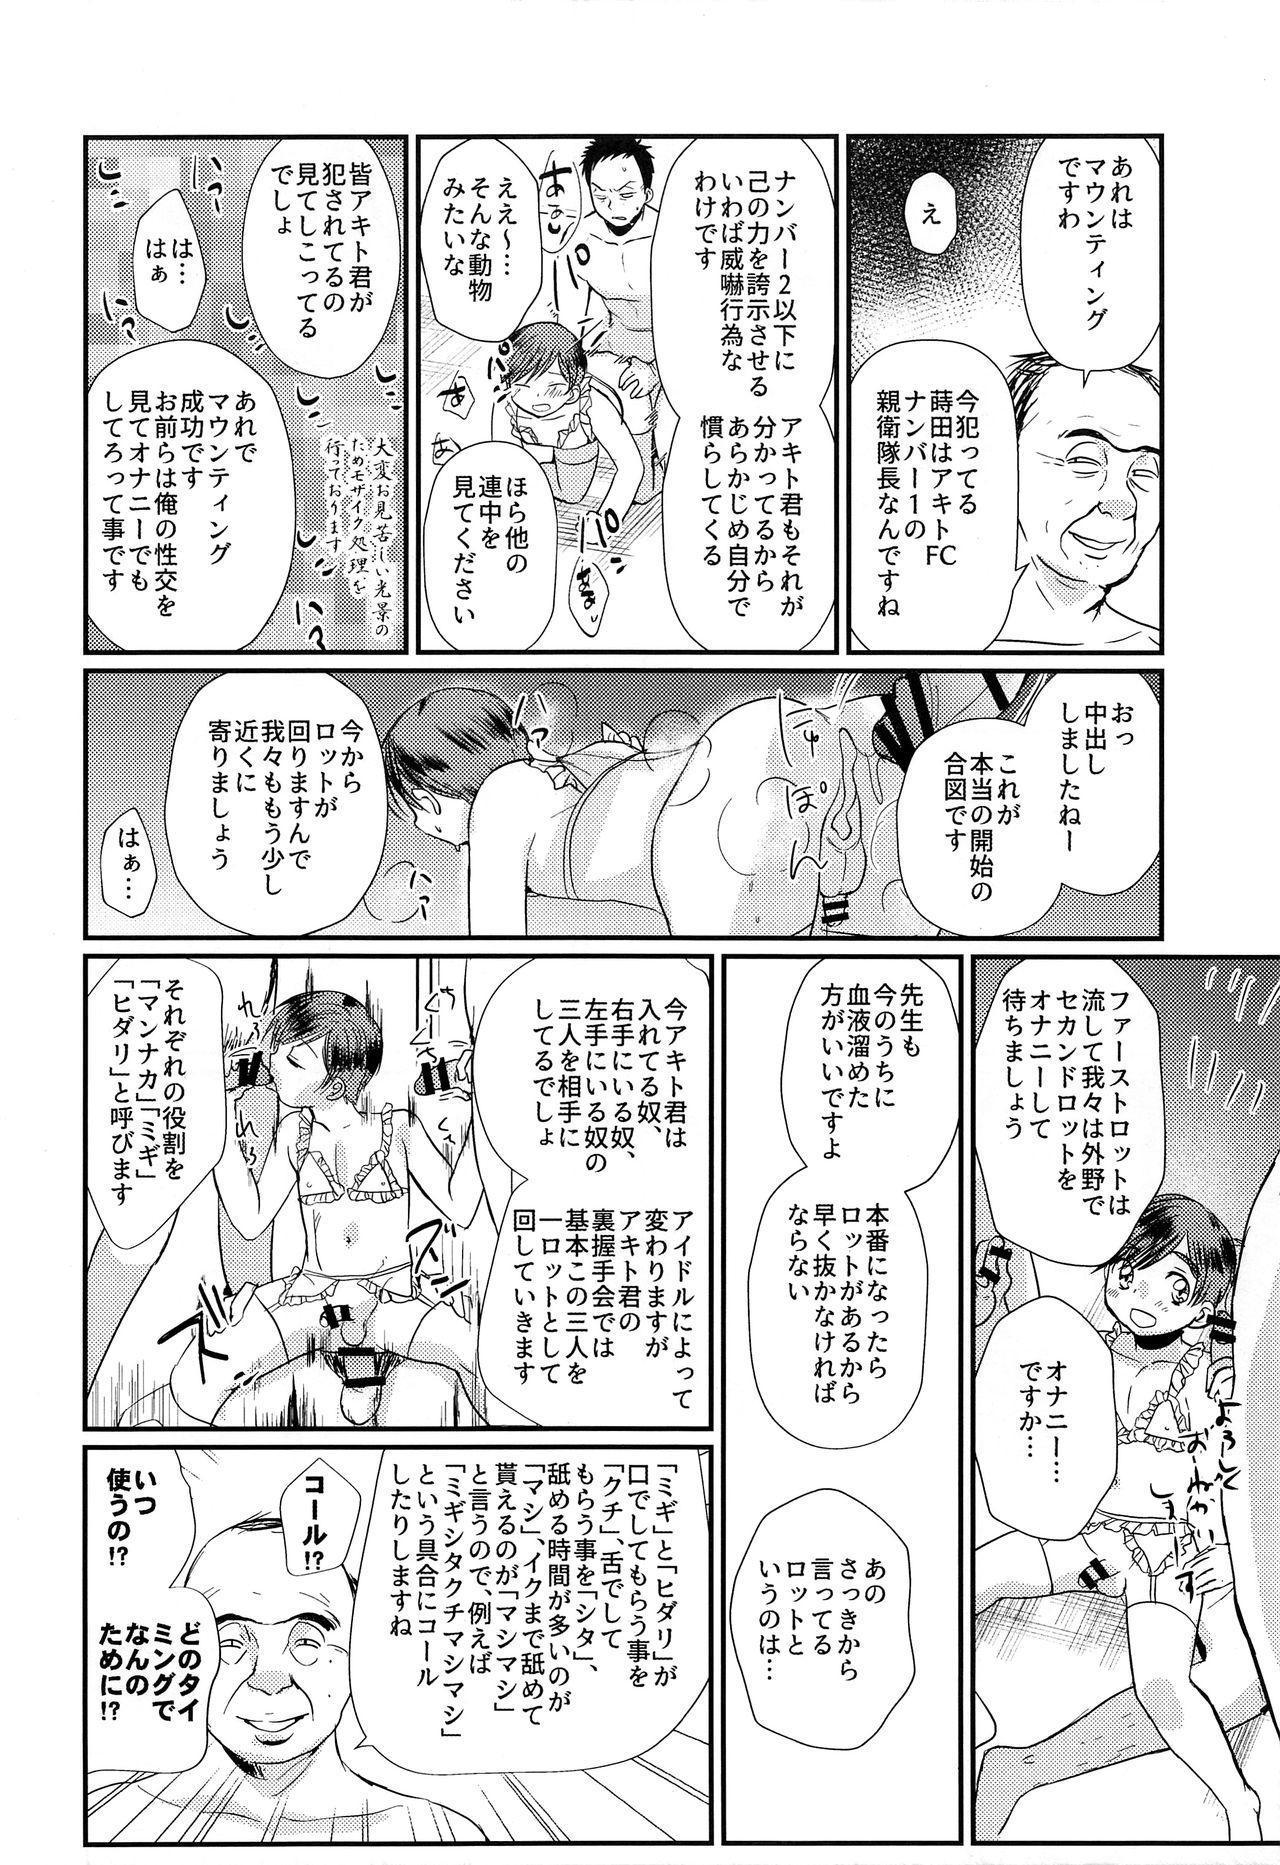 Tokumori! Shota Fuuzoku Saizensen 43